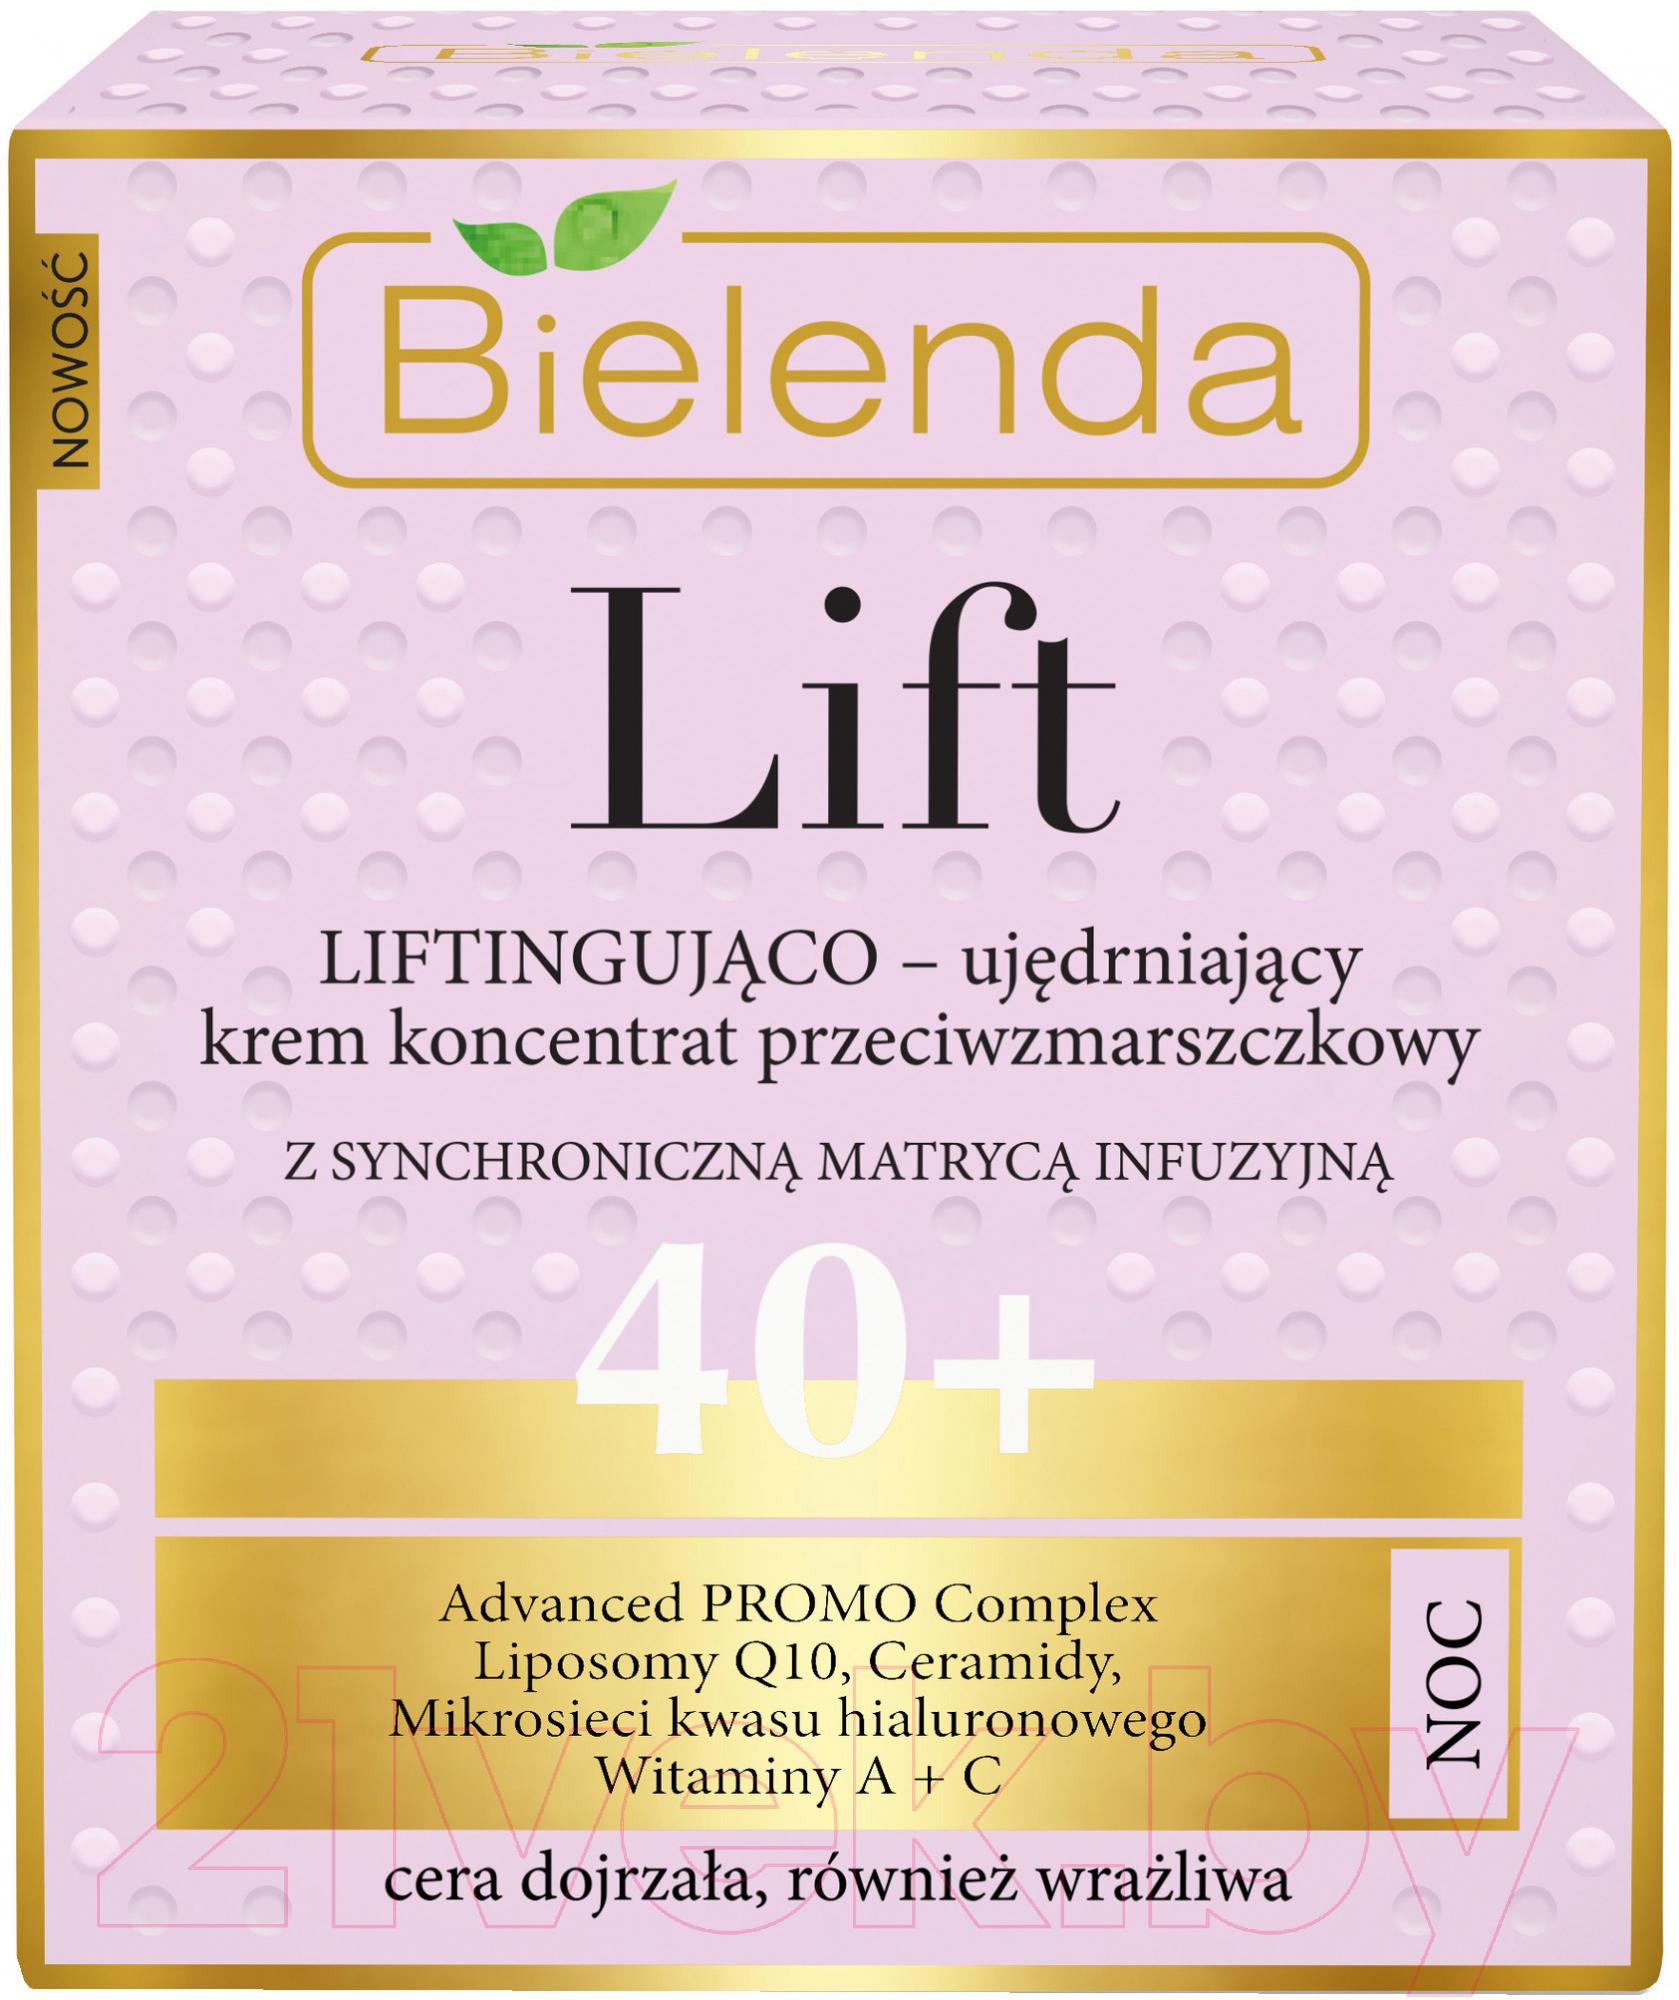 Купить Крем для лица Bielenda, Lift увлажняющий крем-концентрат против морщин 40+ ночной (50мл), Польша, Lift (Bielenda)